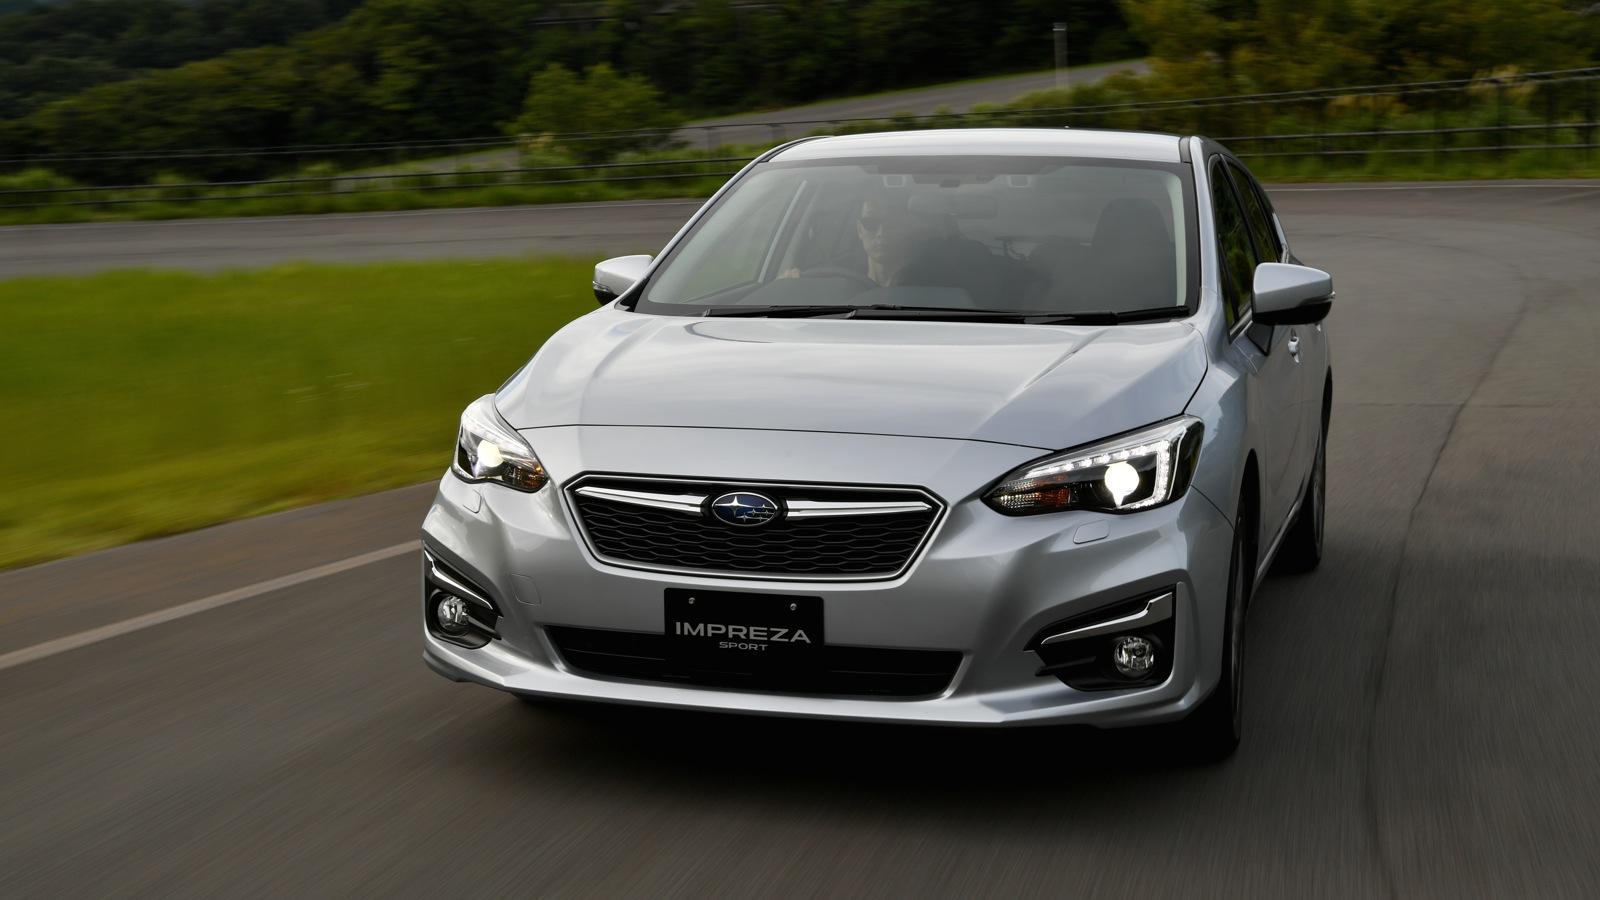 Subaru Impreza 2017 giá 428 triệu đồng có gì hấp dẫn?